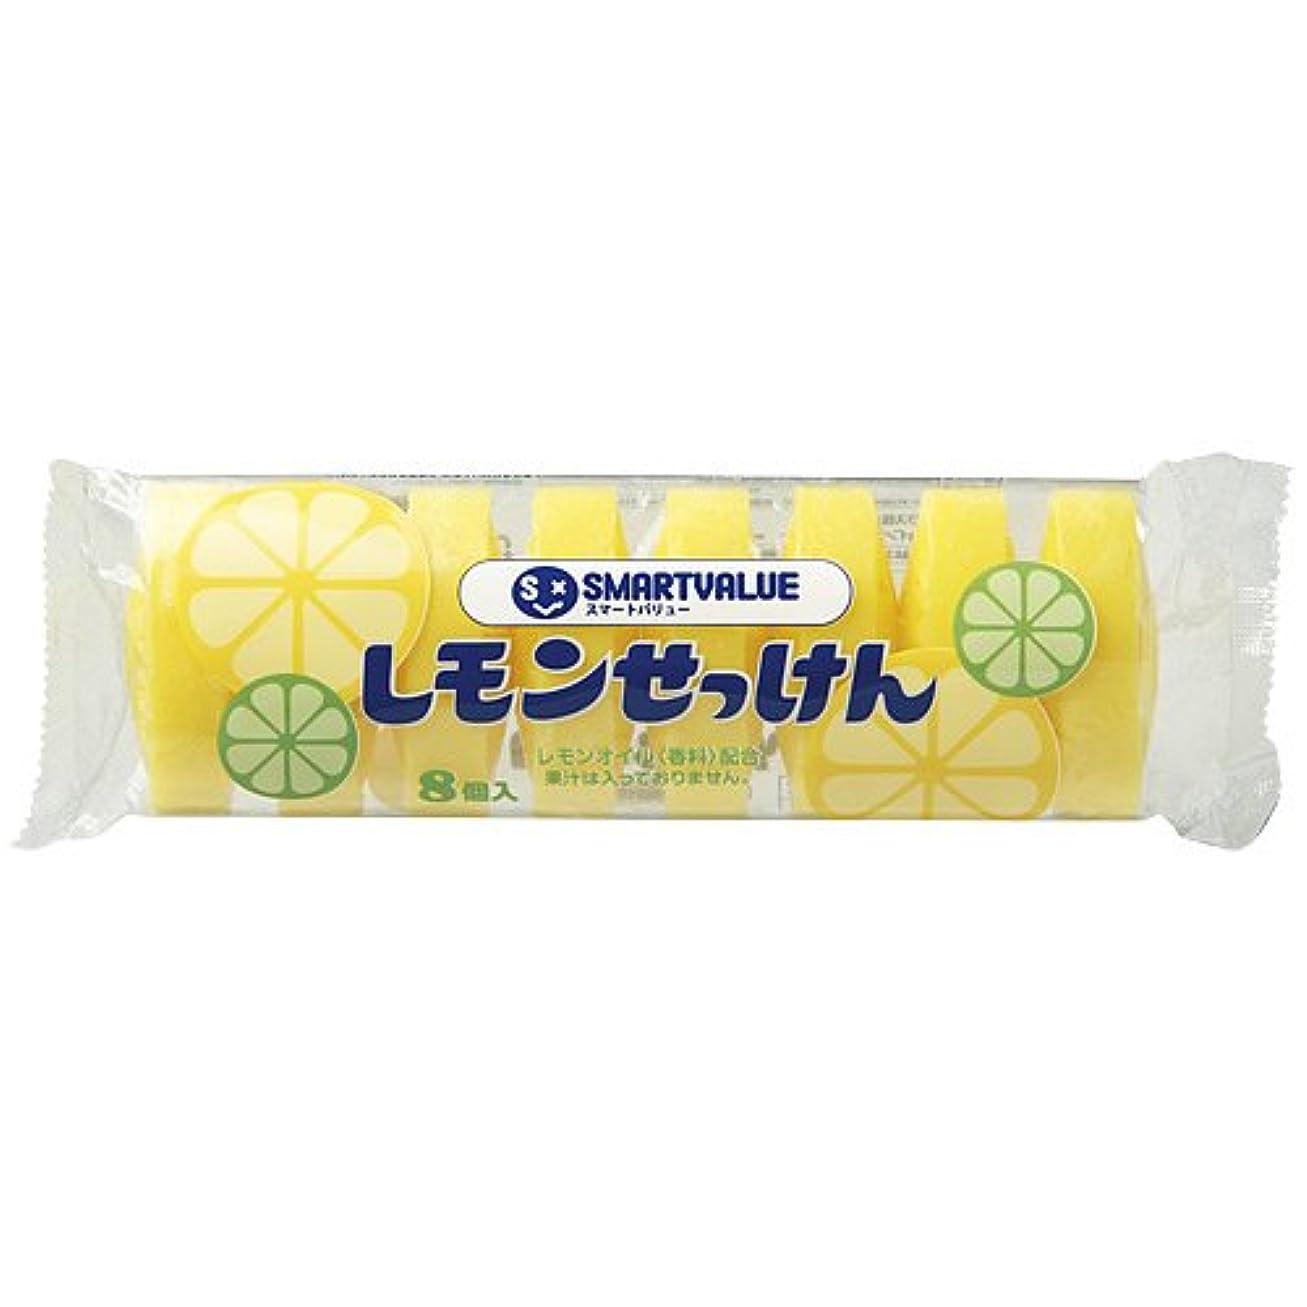 発言する不公平エイリアスJTX レモン石けん8個入 N112J